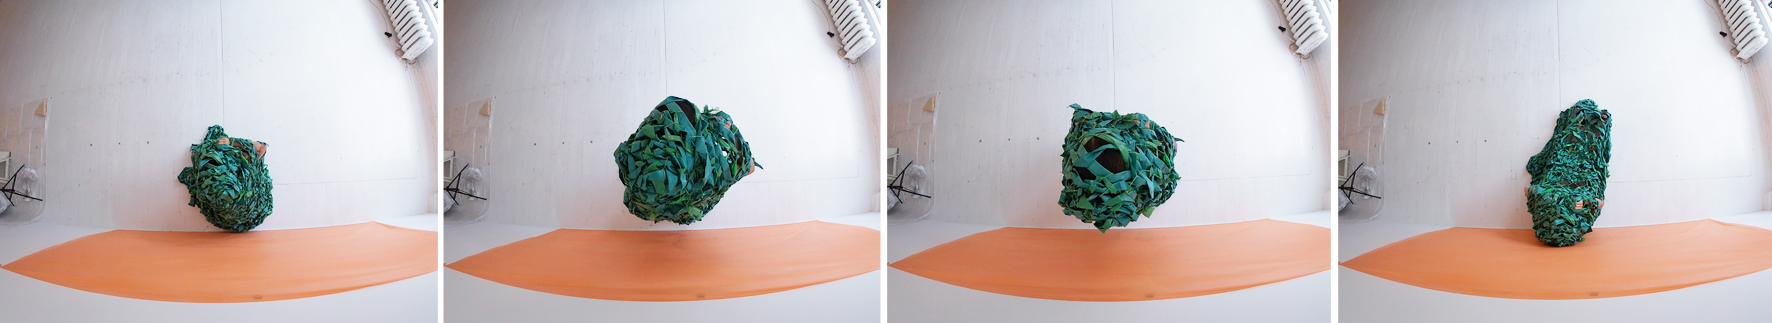 Images extraites d'un vidéo durant la troisième intervention poétique avec la caméra Gopro.